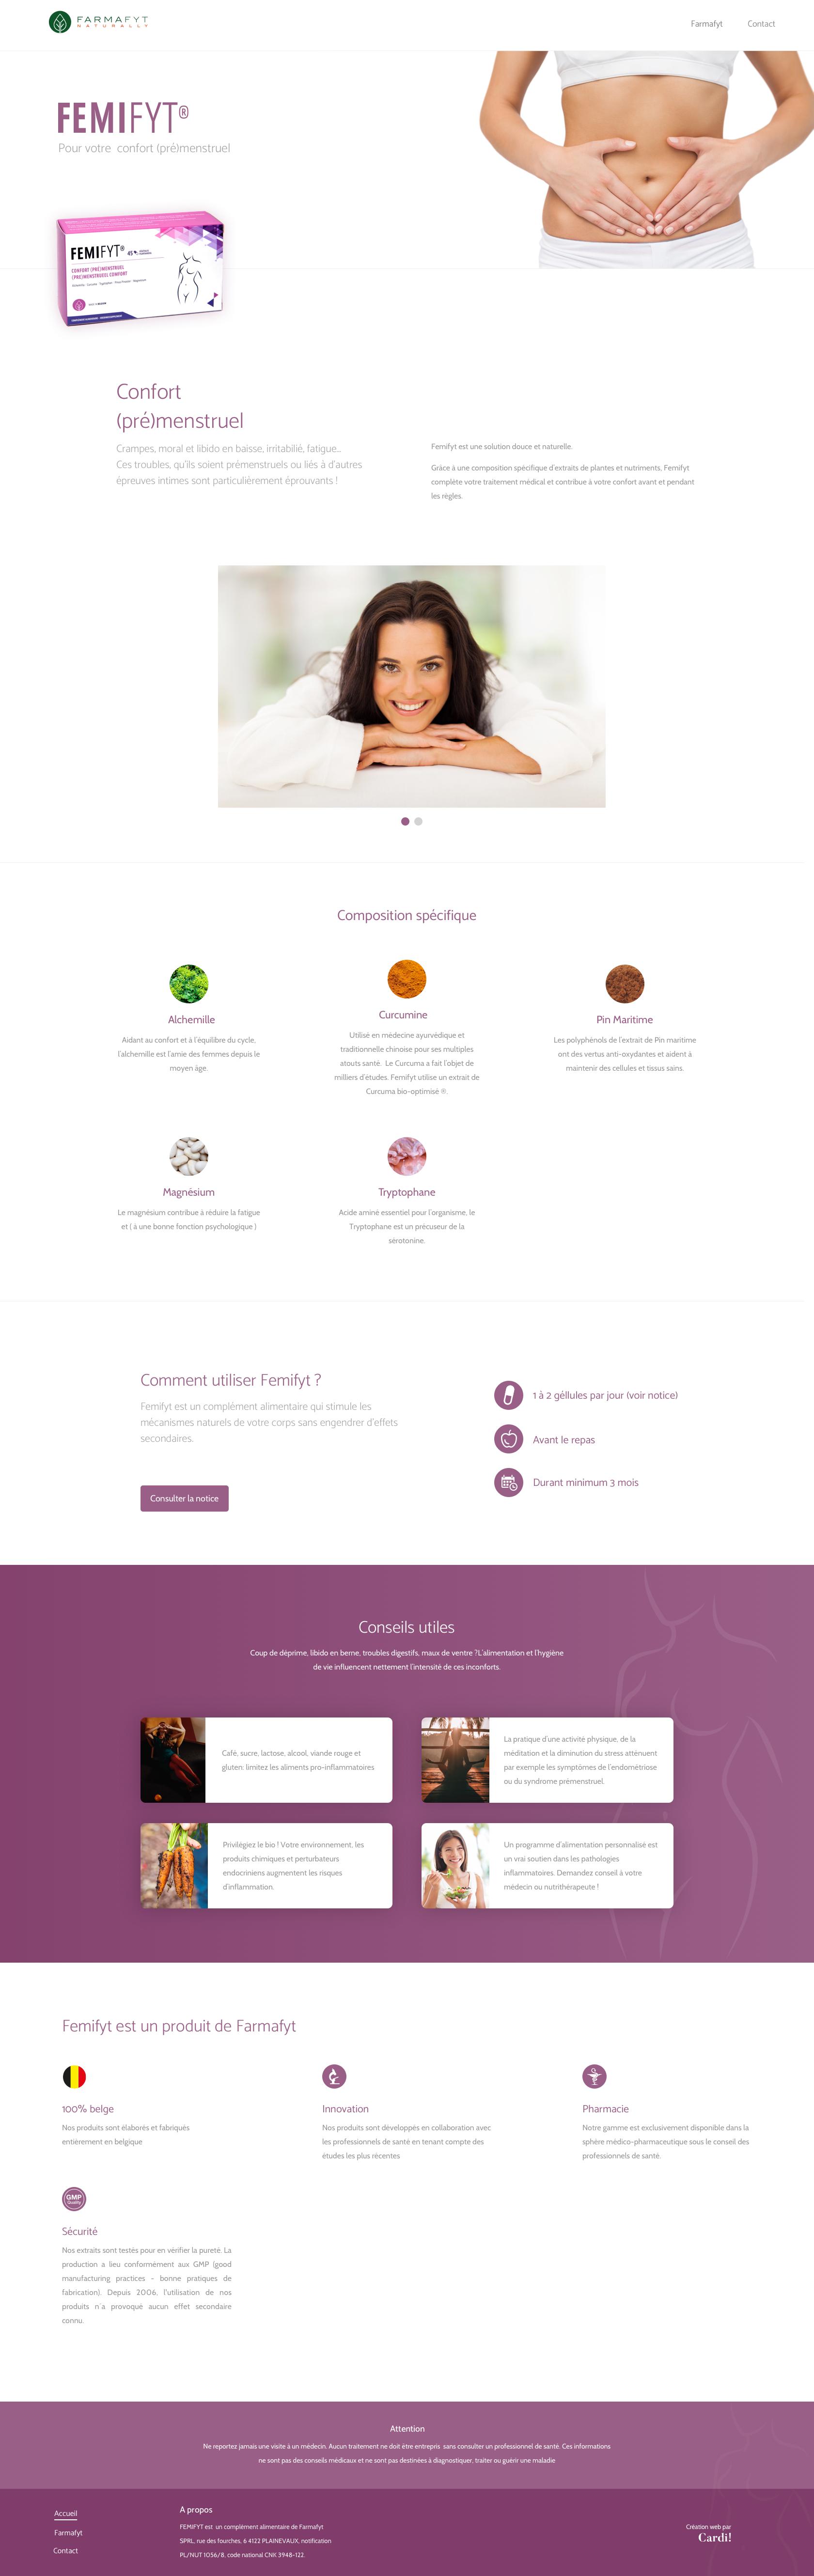 Design du site Femifyt.com